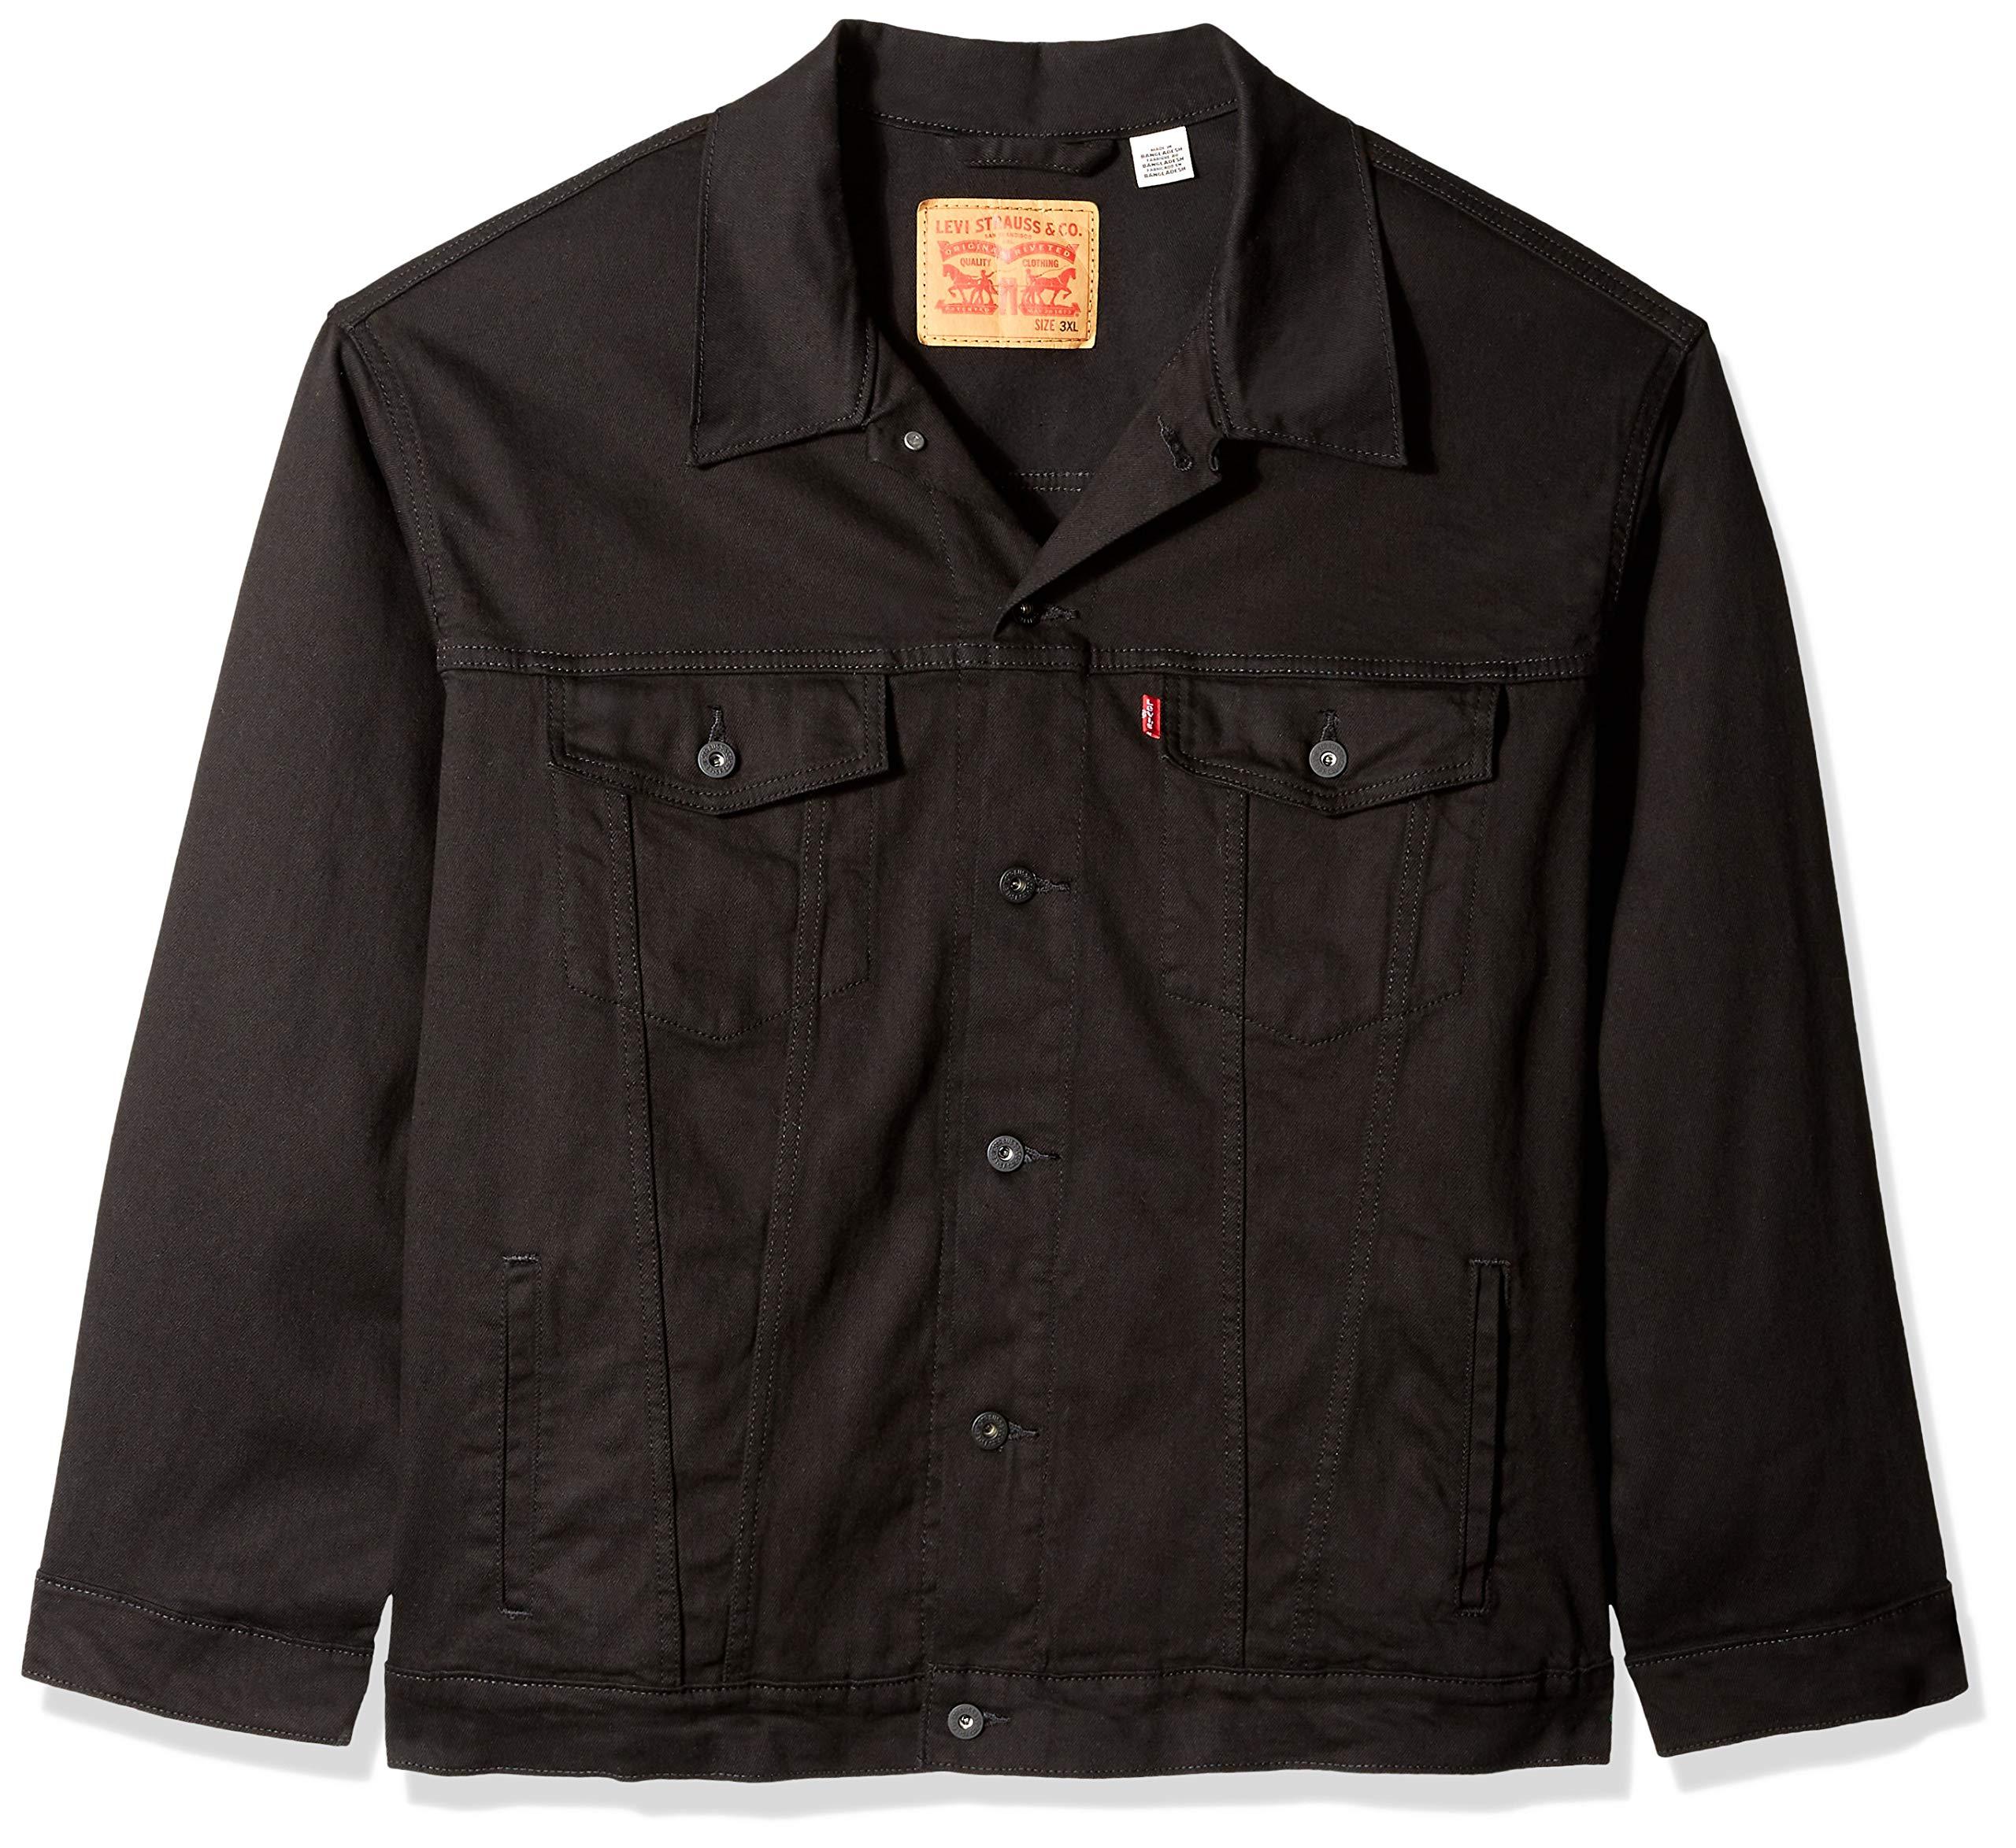 Levi's Men's Big and Tall Big & Tall Trucker Jacket, larimar/Stretch, 3XL by Levi's